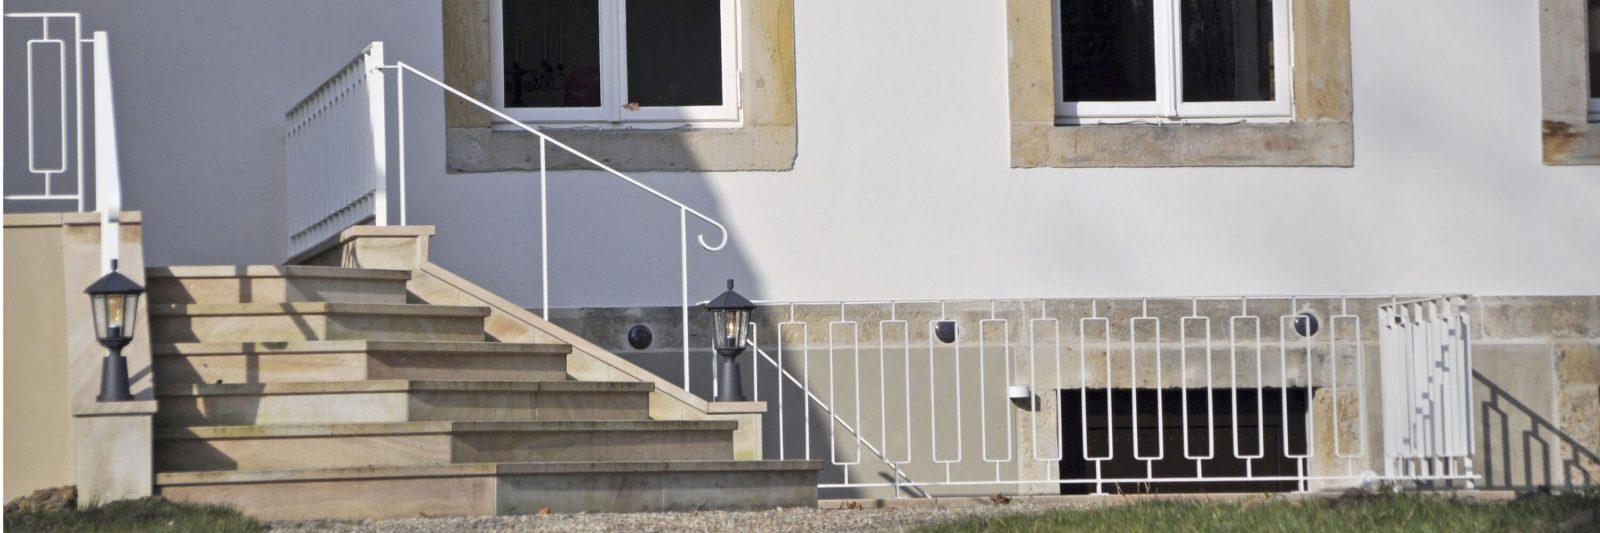 Feiern und Tagen im Denkmal -Terasse und Treppe